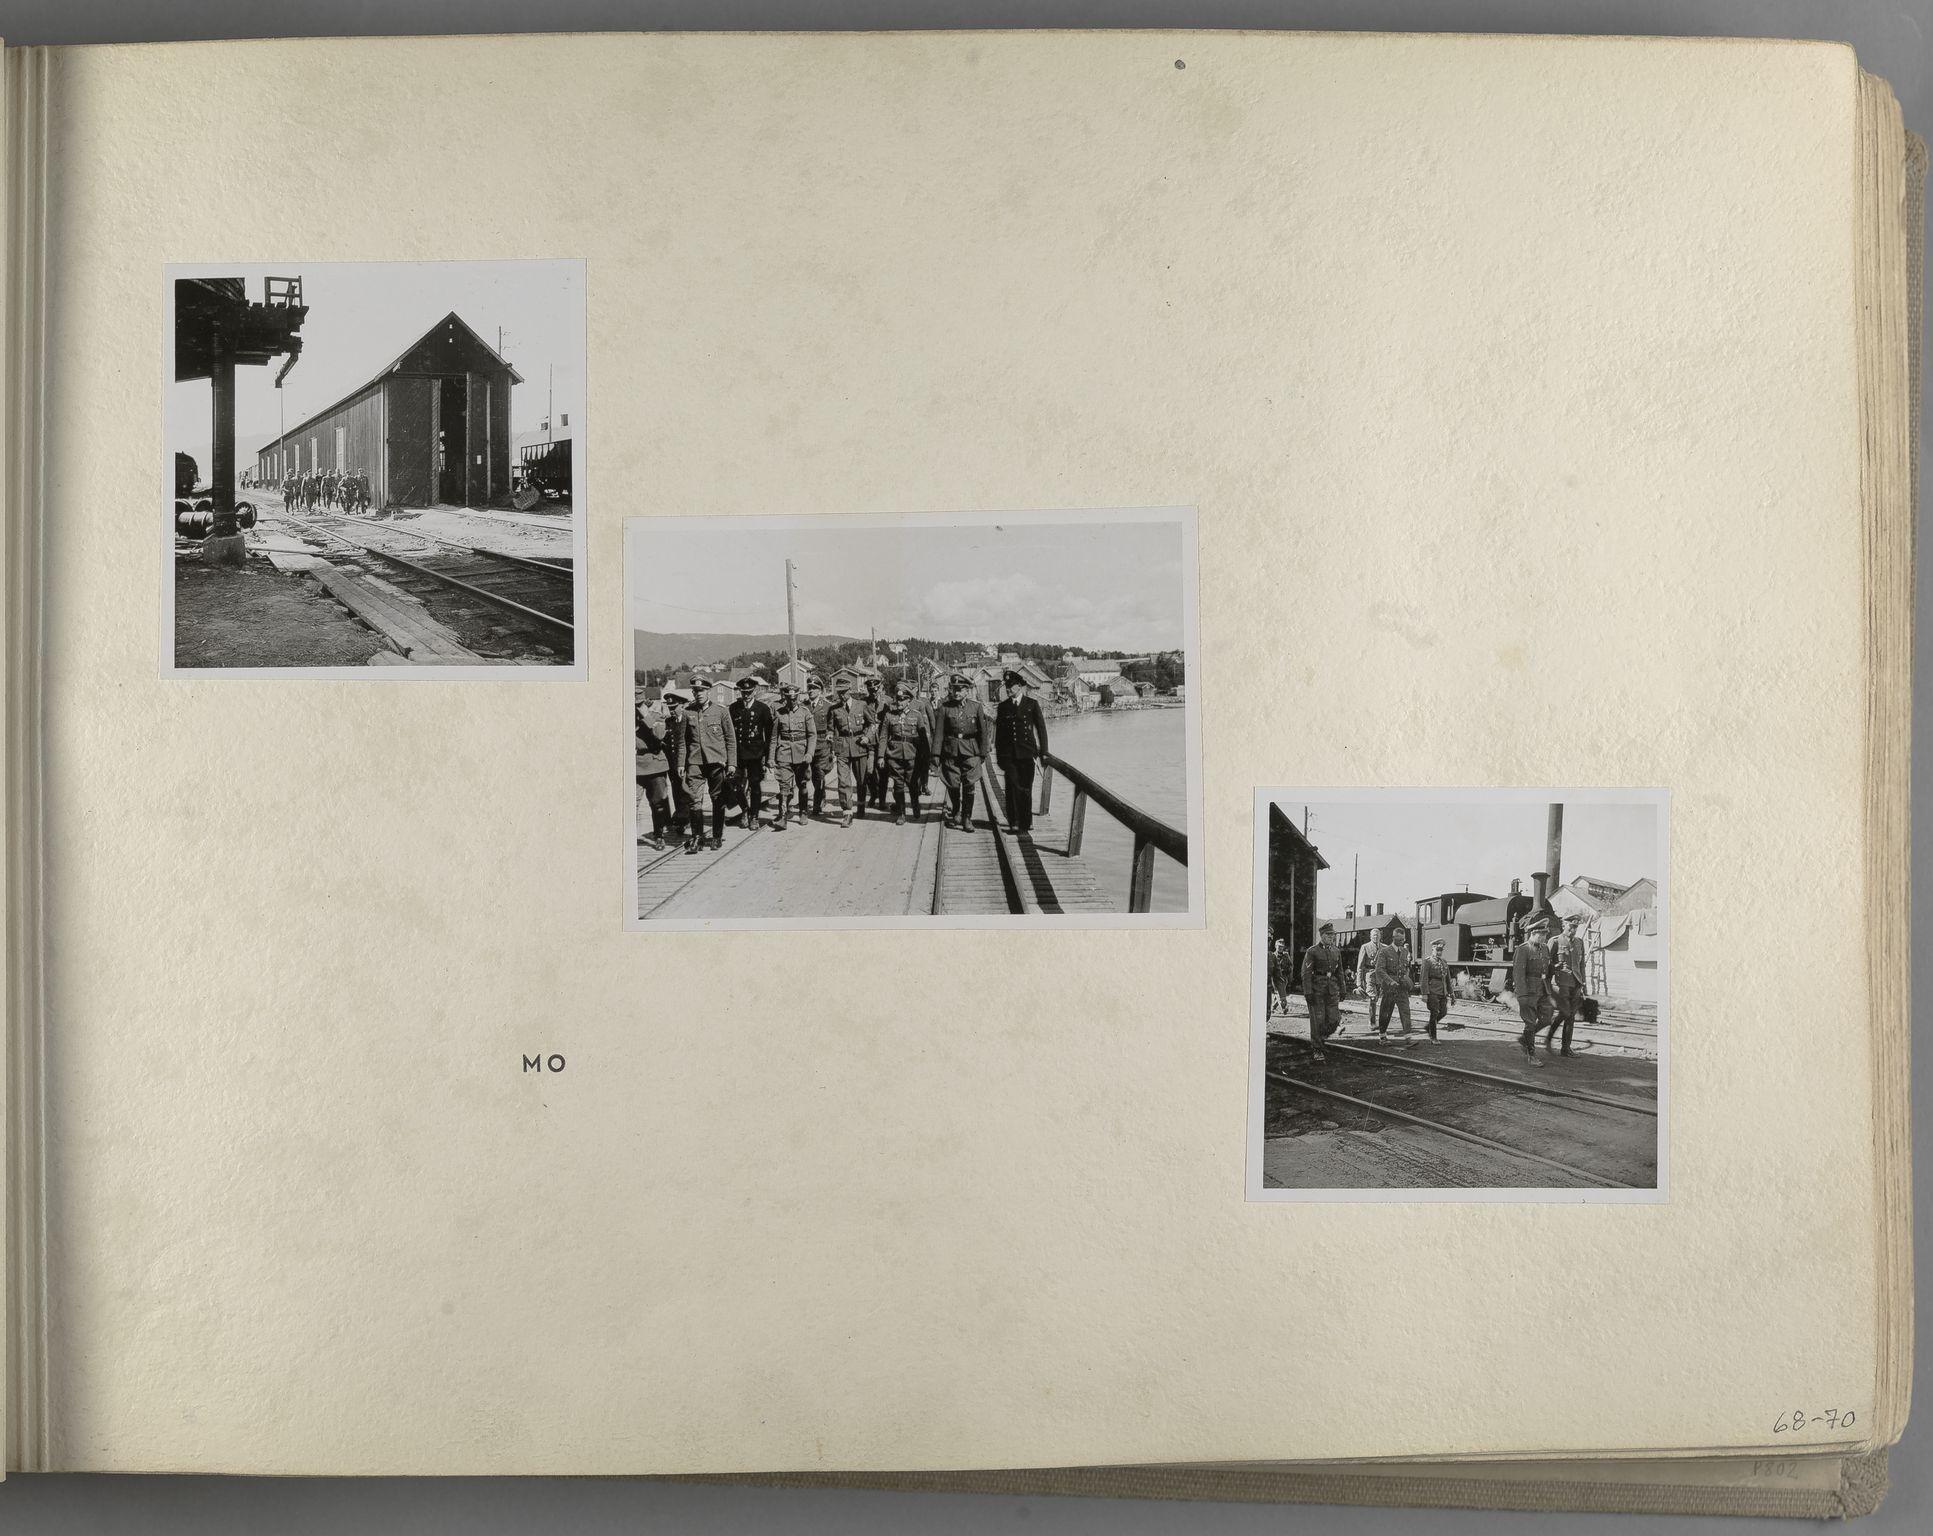 RA, Tyske arkiver, Reichskommissariat, Bildarchiv, U/L0071: Fotoalbum: Mit dem Reichskommissar nach Nordnorwegen und Finnland 10. bis 27. Juli 1942, 1942, s. 27